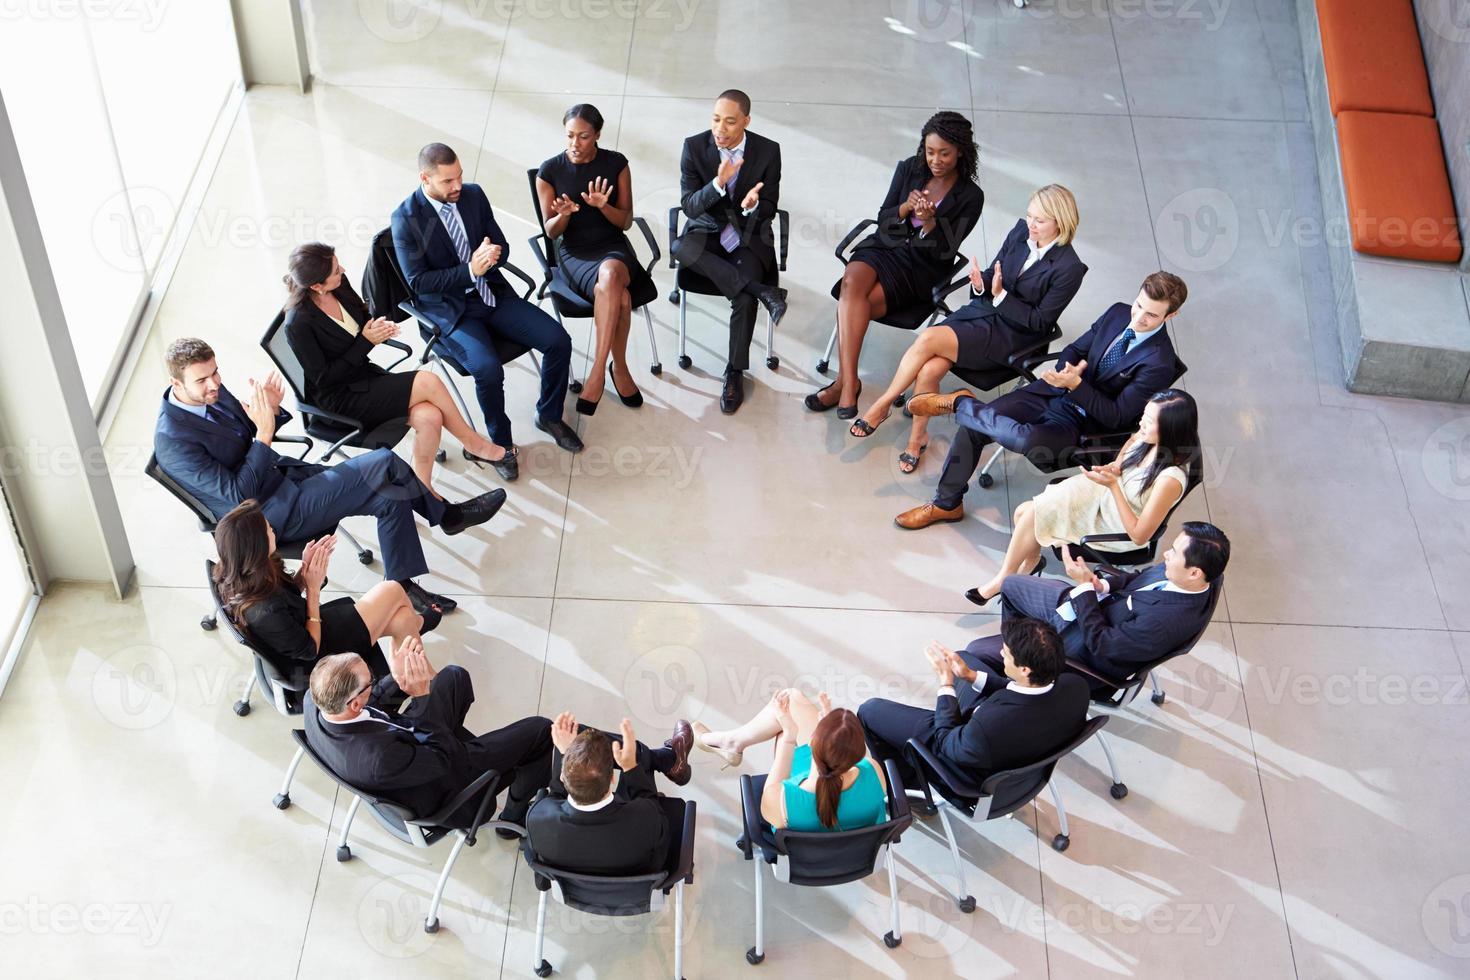 multicultureel kantoorpersoneel applaudisseert tijdens meeting foto